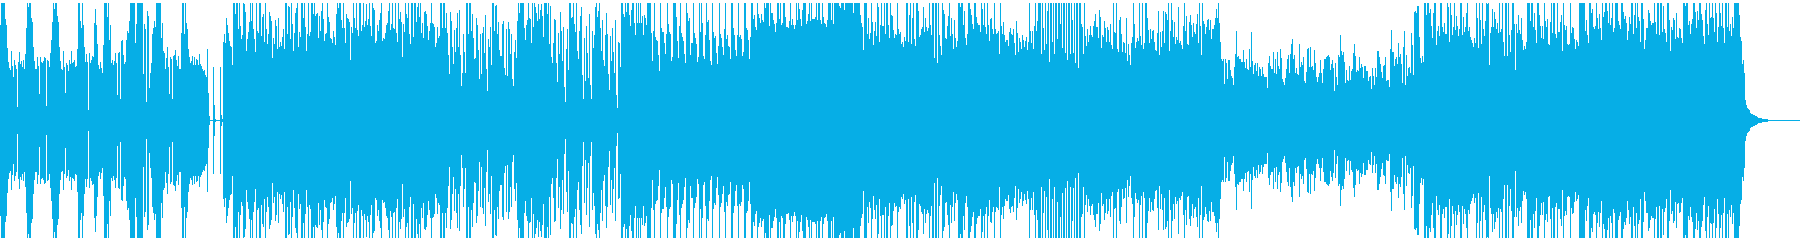 派手なギターロックBGMの再生済みの波形